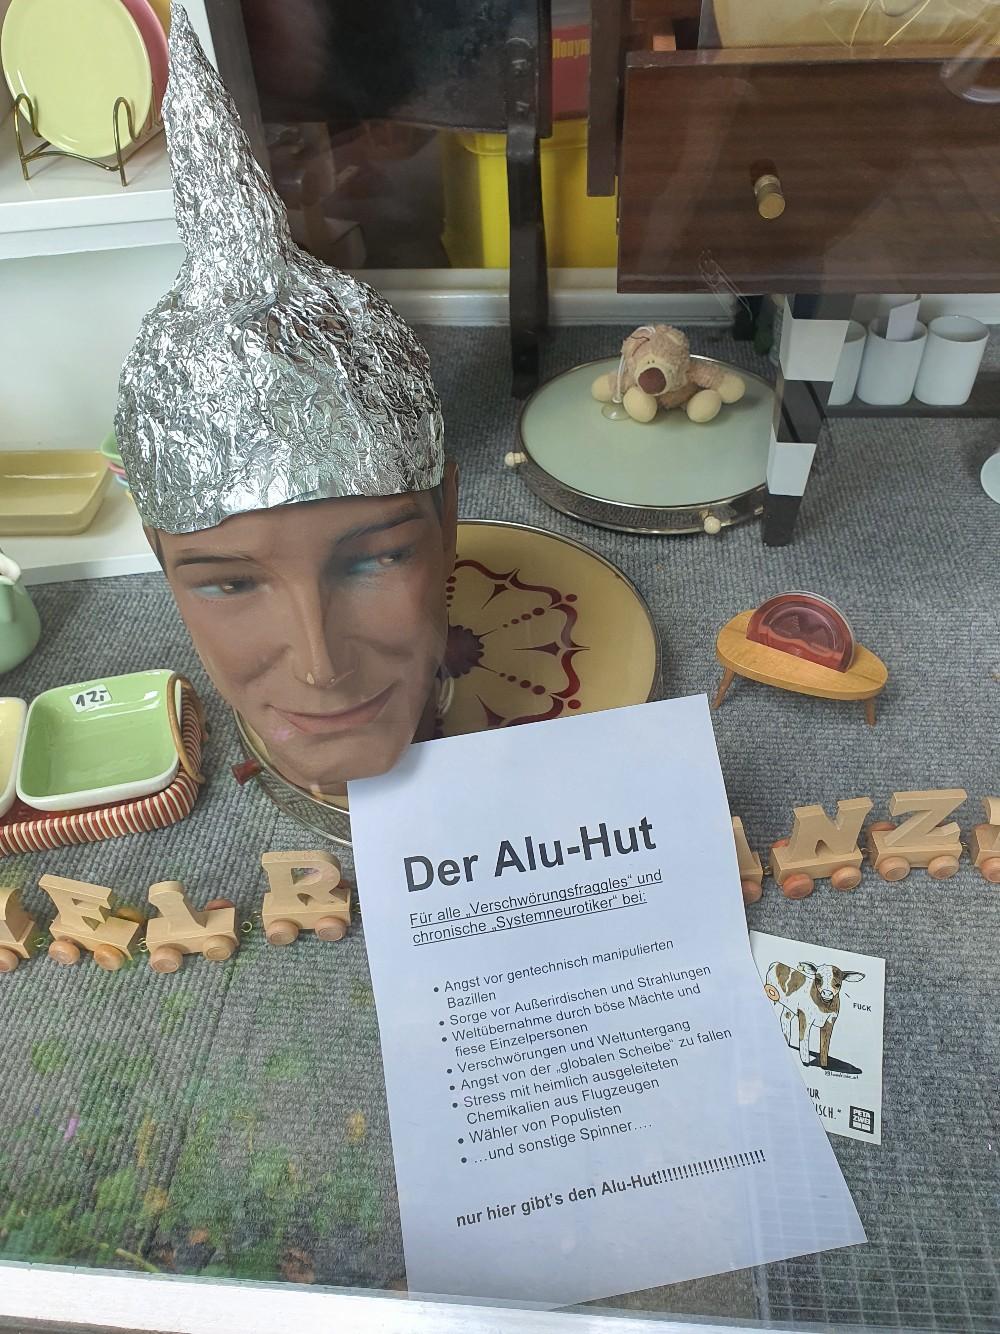 Alu-Hut